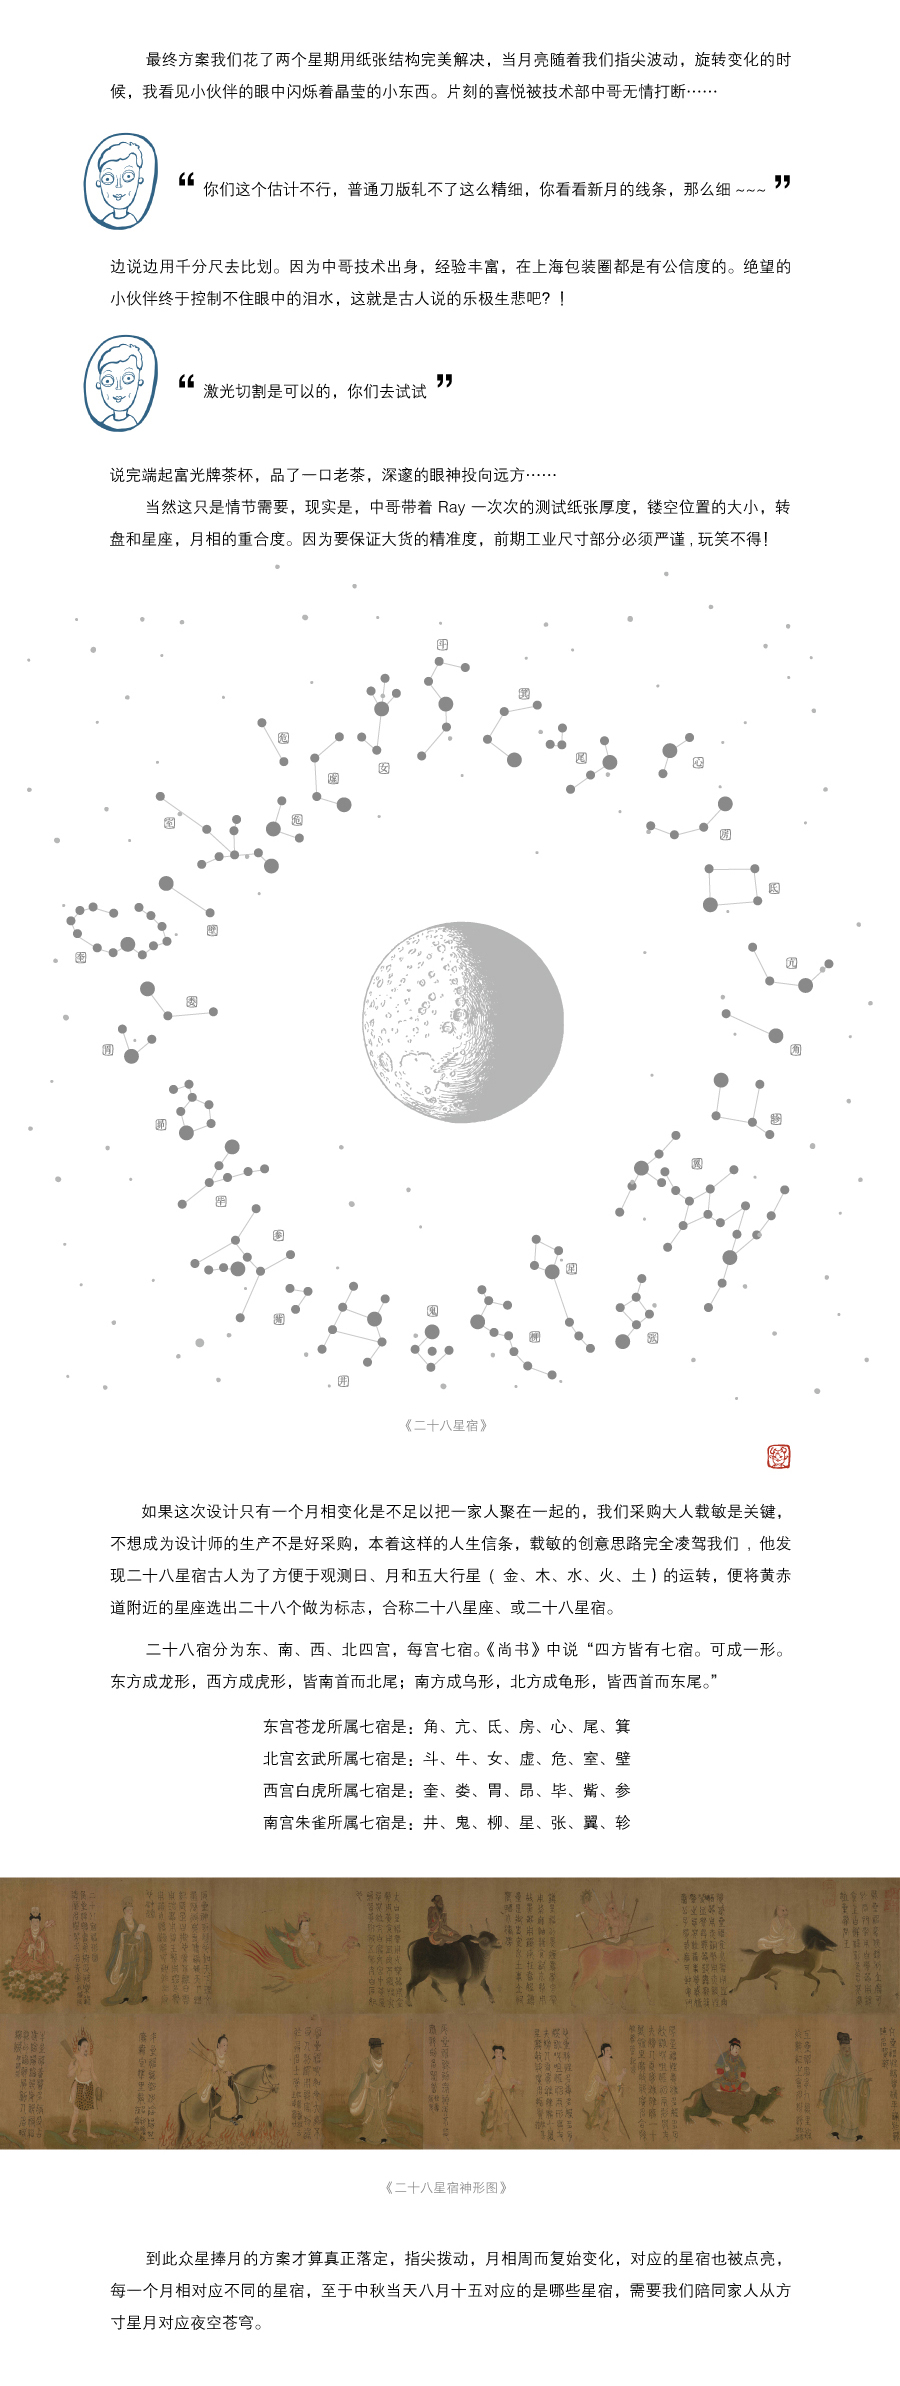 【温故知新】中秋月饼礼盒诞生记